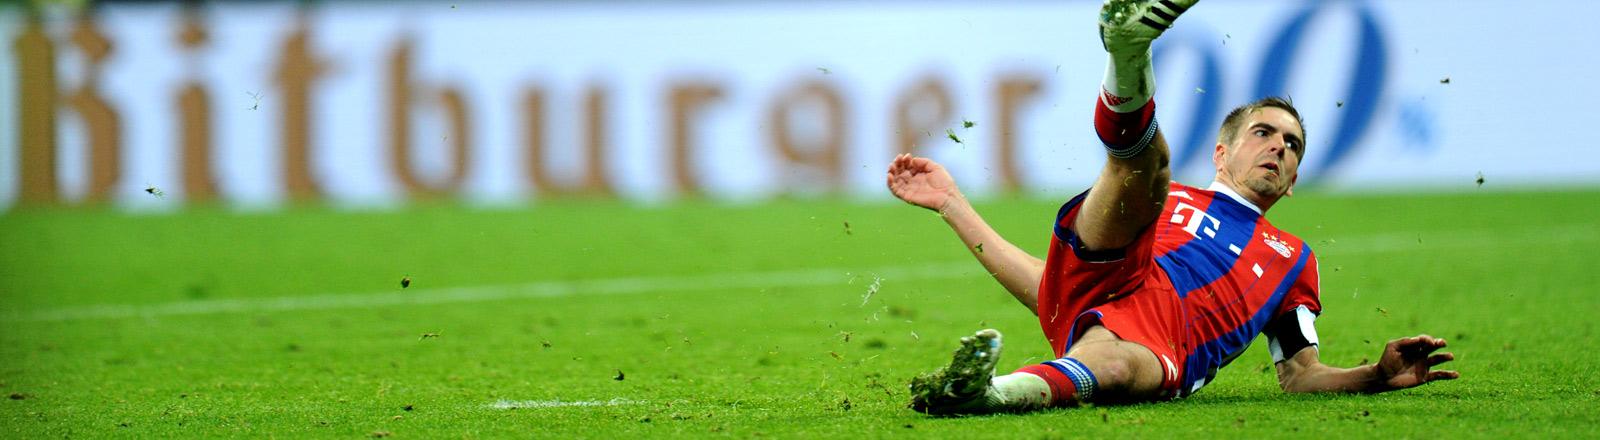 Philipp Lahm rutscht beim Elfmeterschießen deim DFB-Pokal-Halbfinale zwischen FC Bayern München und Borussia Dortmund aus.